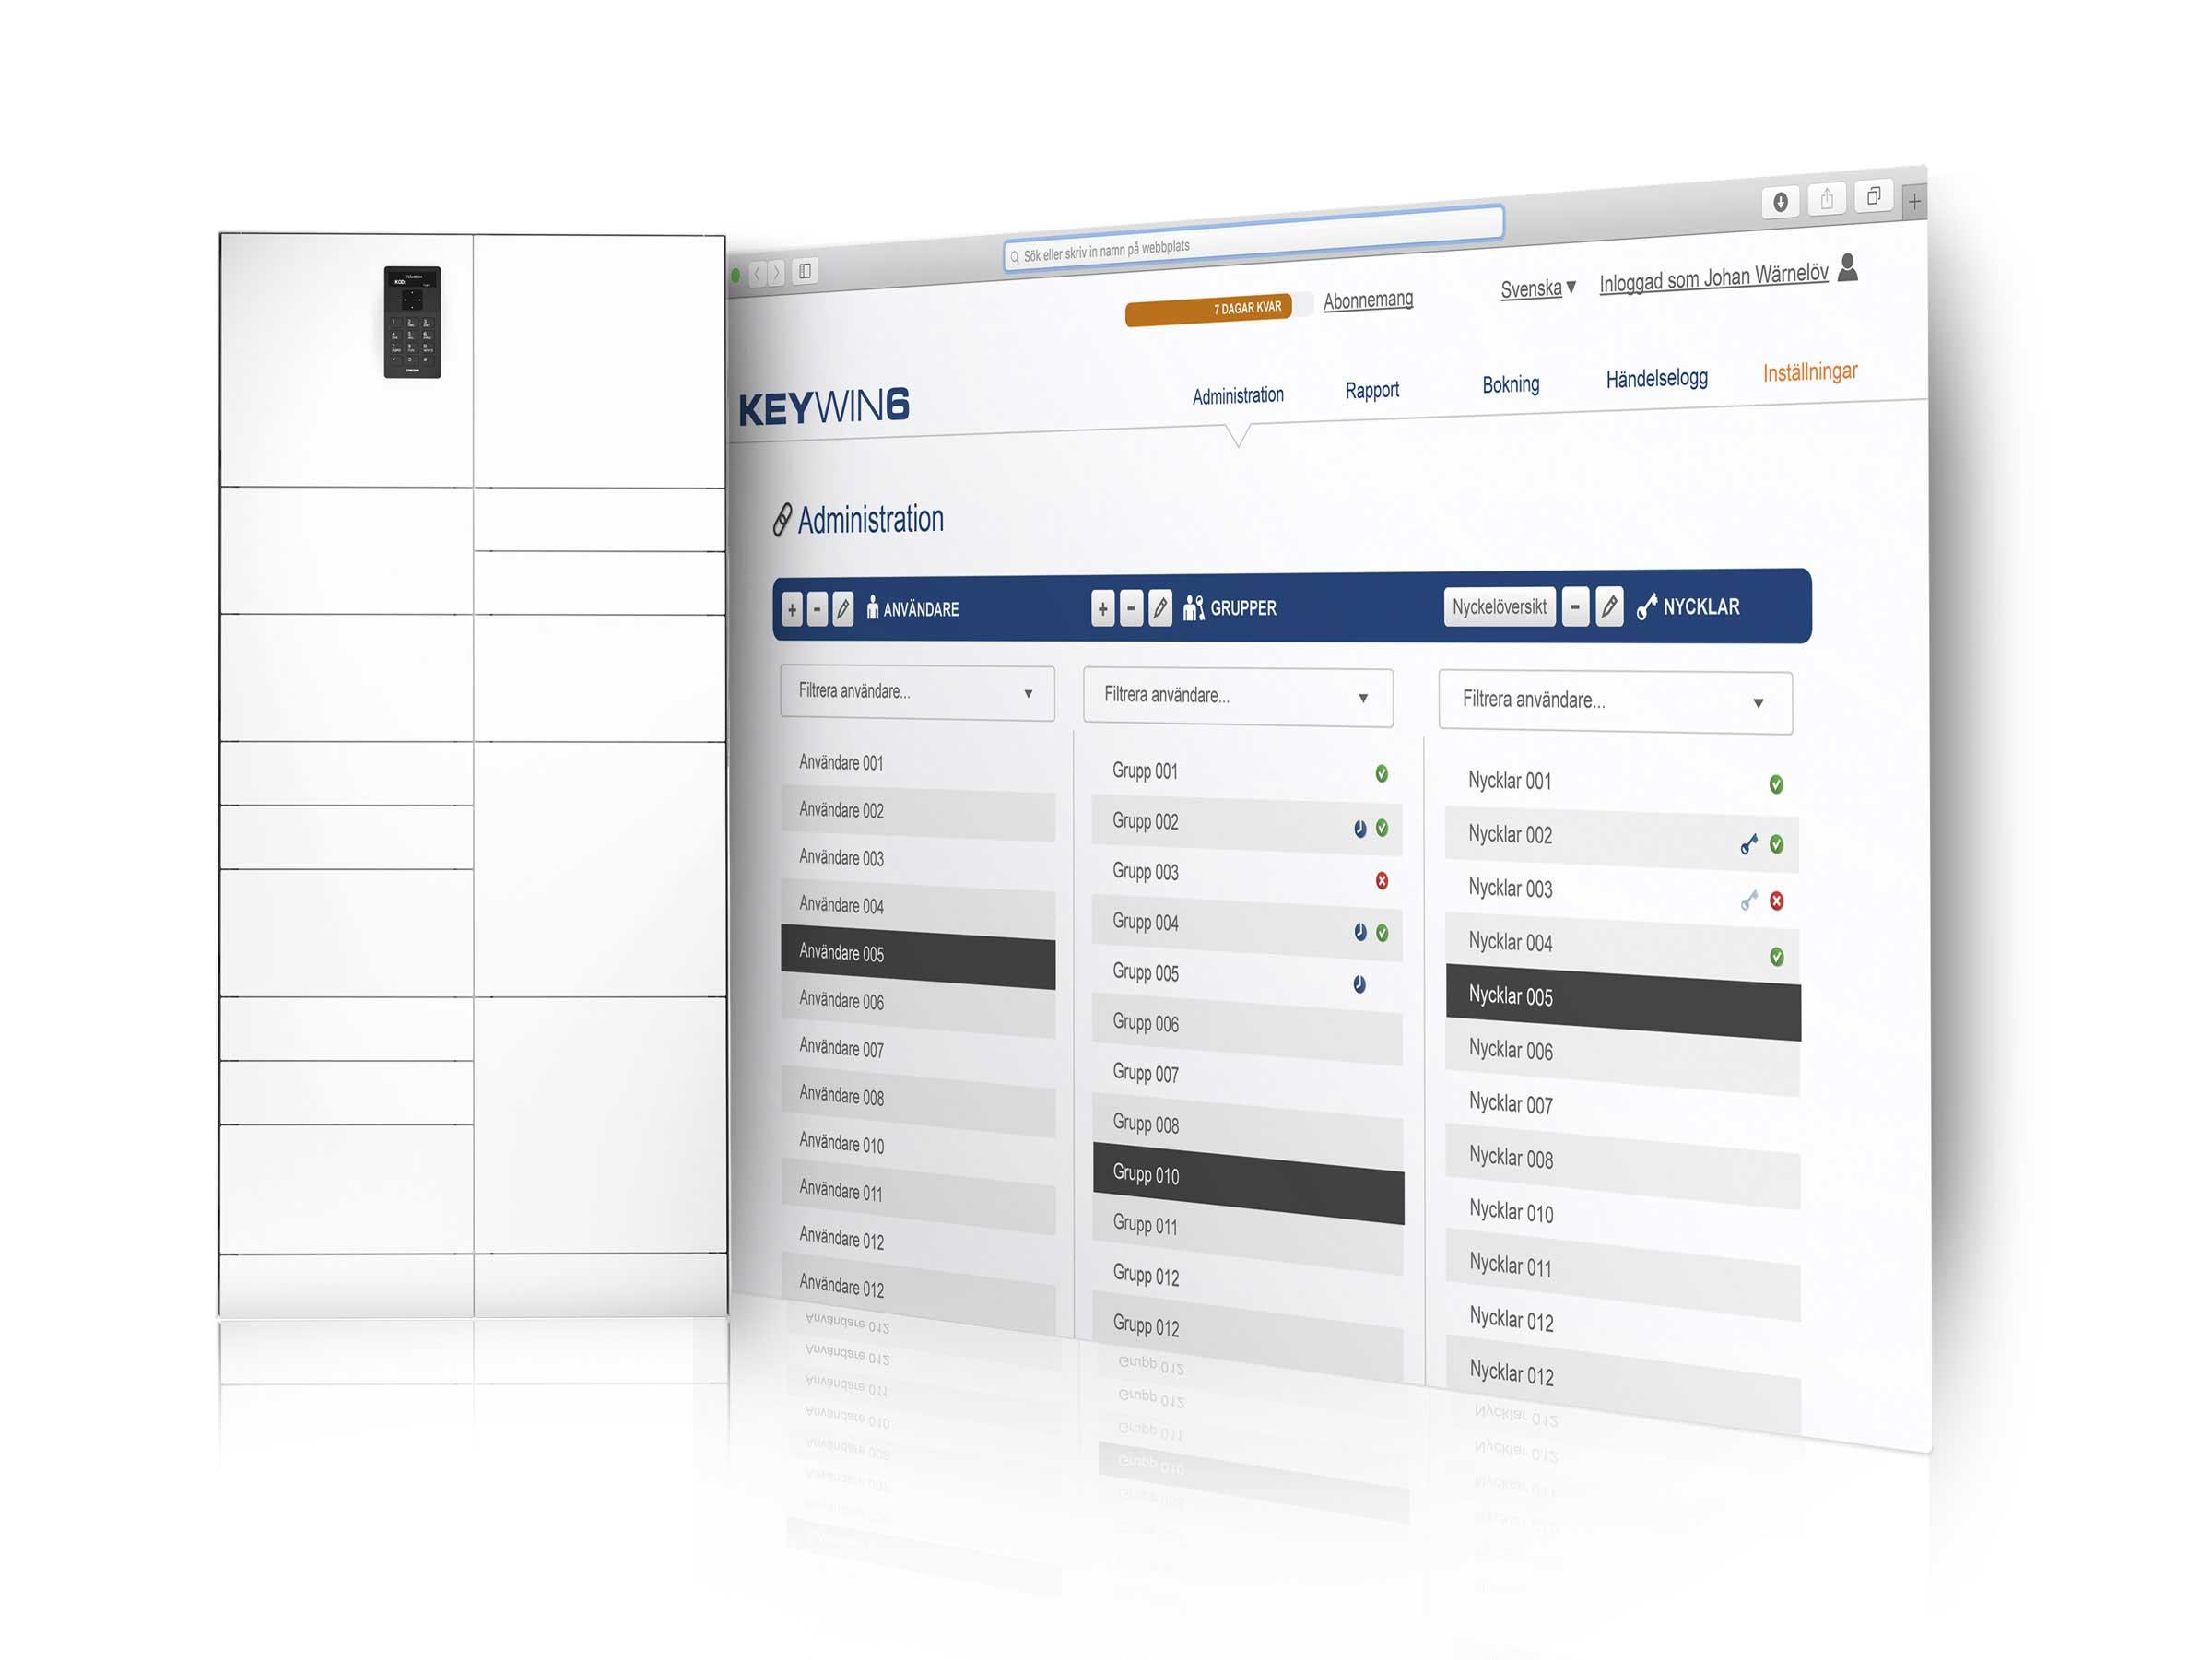 Gegenstandsverwaltung mit dem ValueBox Wertschrank mit der Software KeyWin6, die alle Ereignisse protokolliert